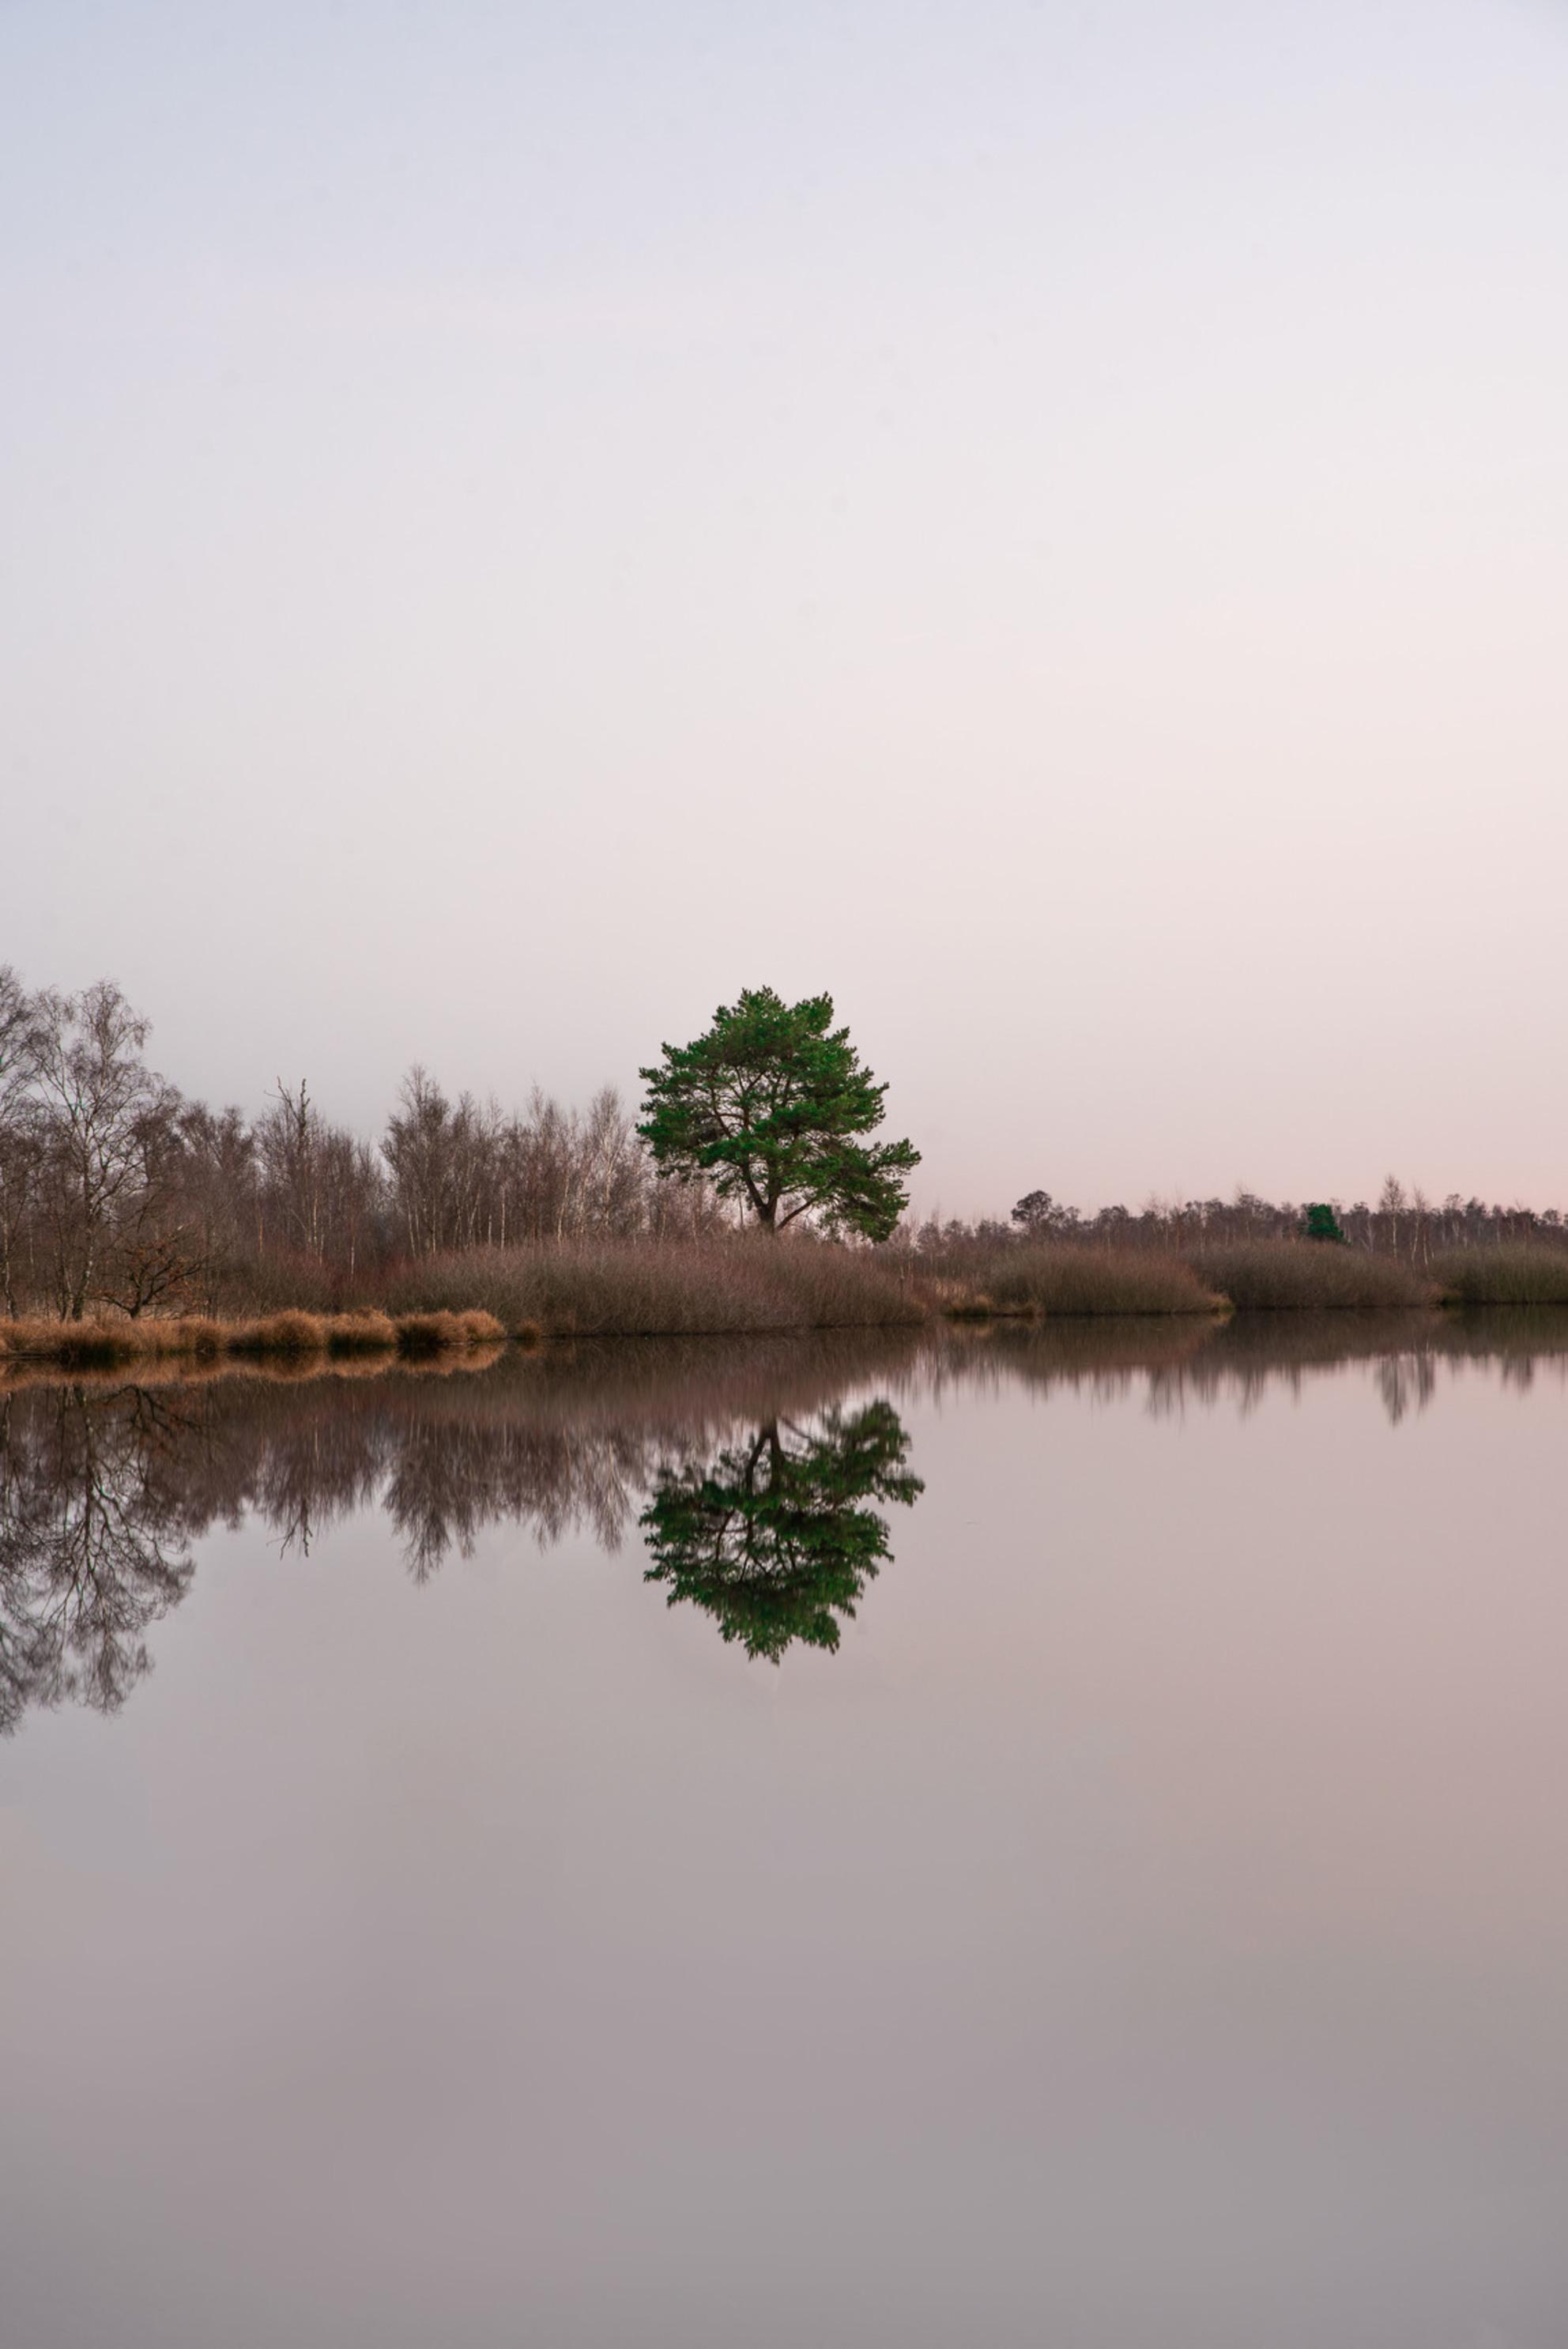 DSC_27510 - Rust - foto door anneummenthun op 26-02-2021 - deze foto bevat: water, natuur, spiegeling, zonsopkomst, bomen - Deze foto mag gebruikt worden in een Zoom.nl publicatie